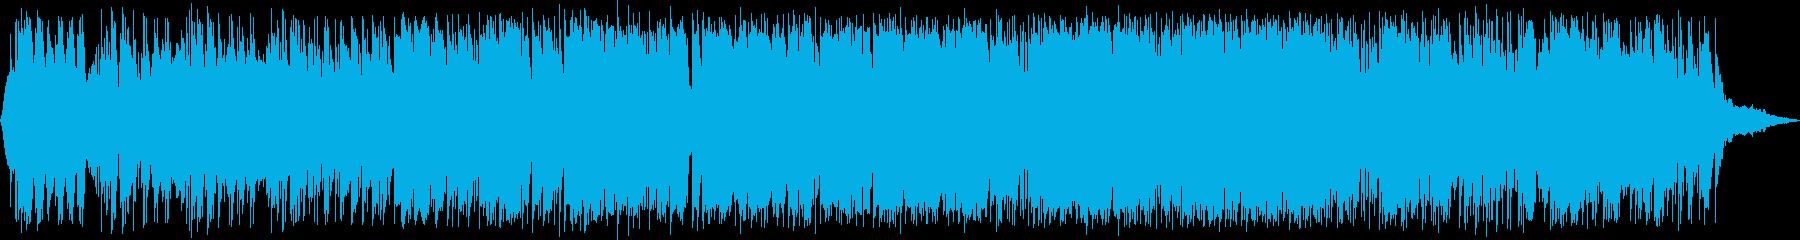 近未来感のあるテクスチャーBGMの再生済みの波形